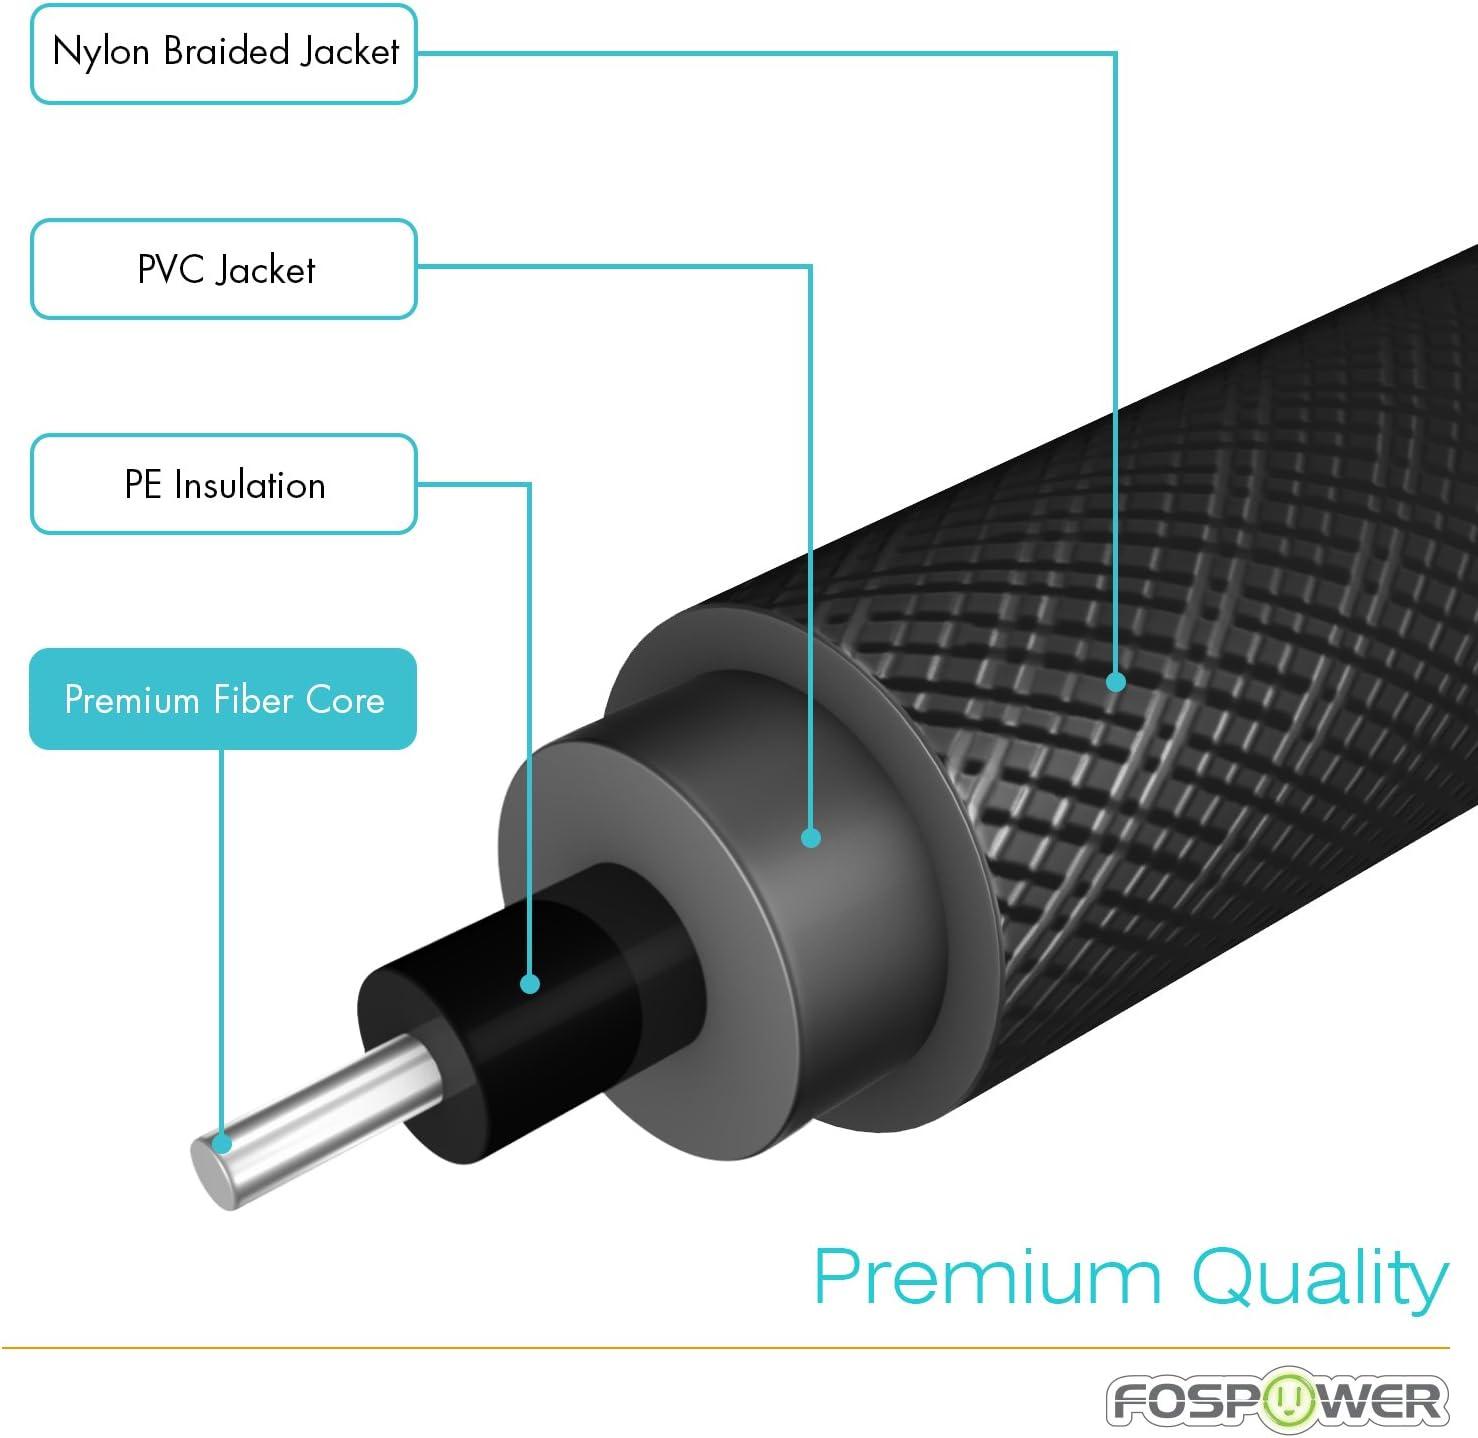 Filtres en Verre Gorilla Couvercle en Aluminium 1x Filtre ND 8 ND 64 ND 1000 pour Obtenir Une Photo avec Une Conservation maximale des Couleurs Rollei Kit Premium 3 Filtres ND 62mm